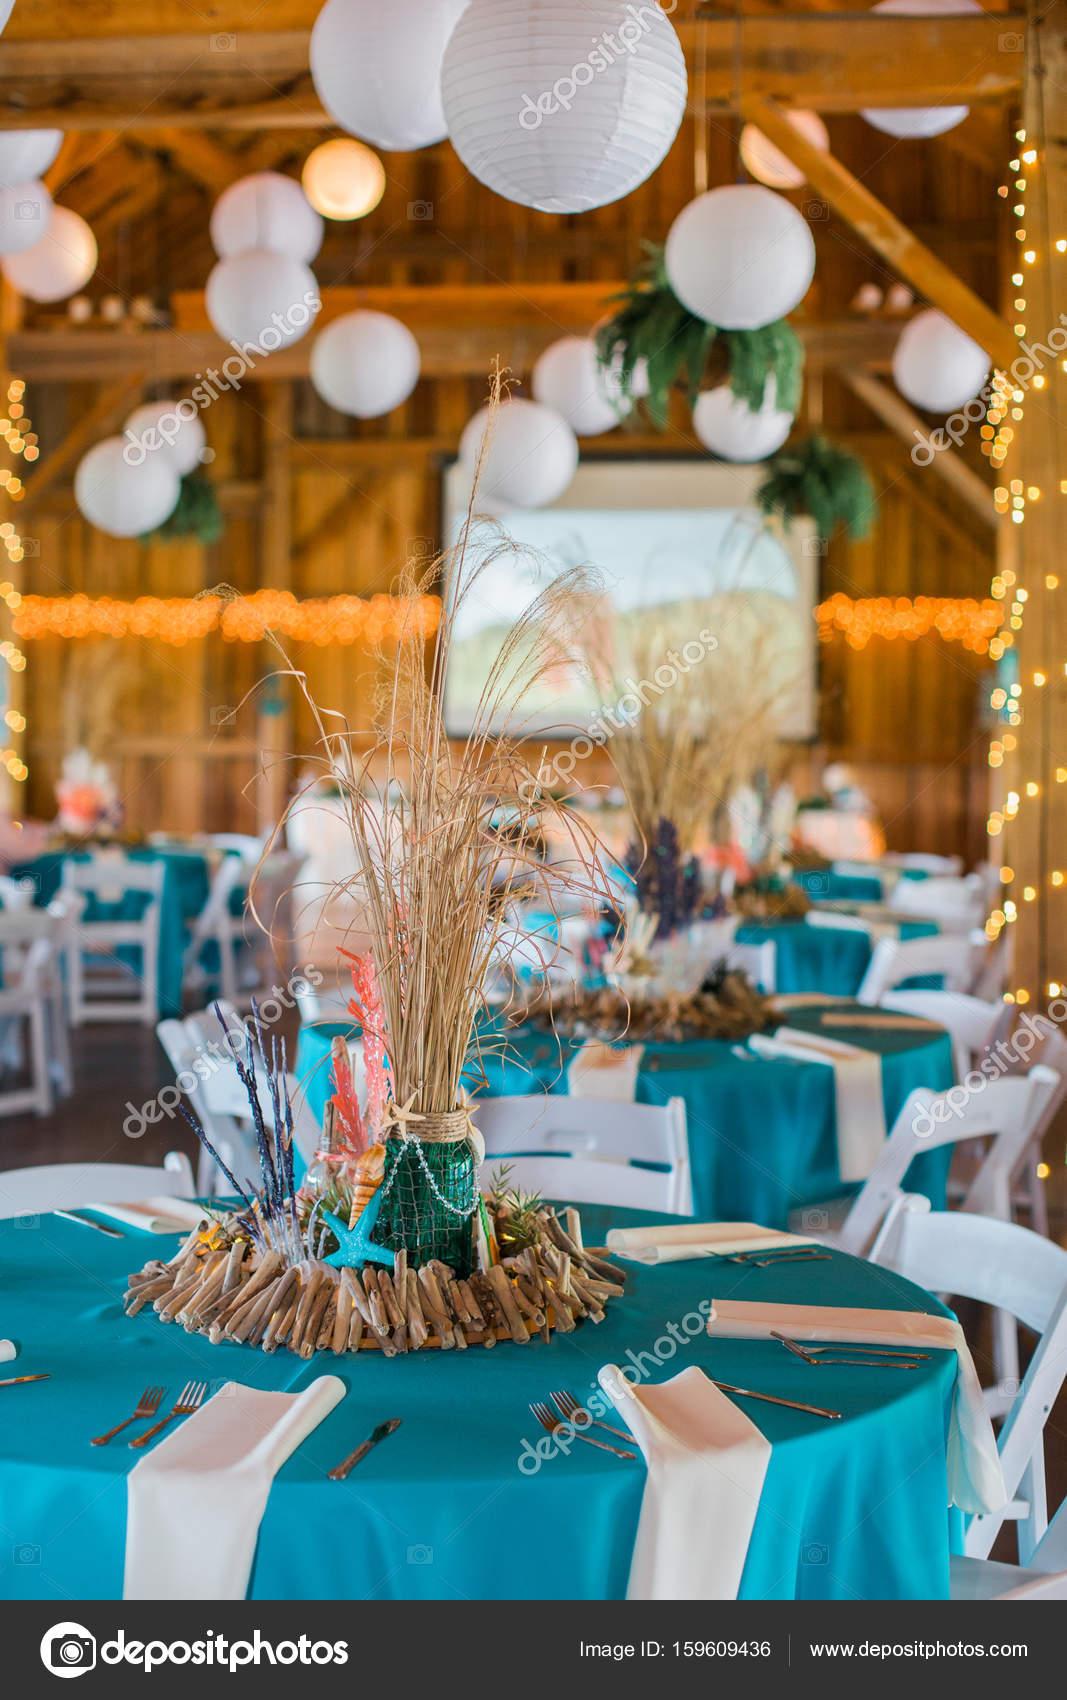 Matrimonio Tema Spiaggia : Spiaggia delloceano a tema matrimonio decorazioni di ricezione